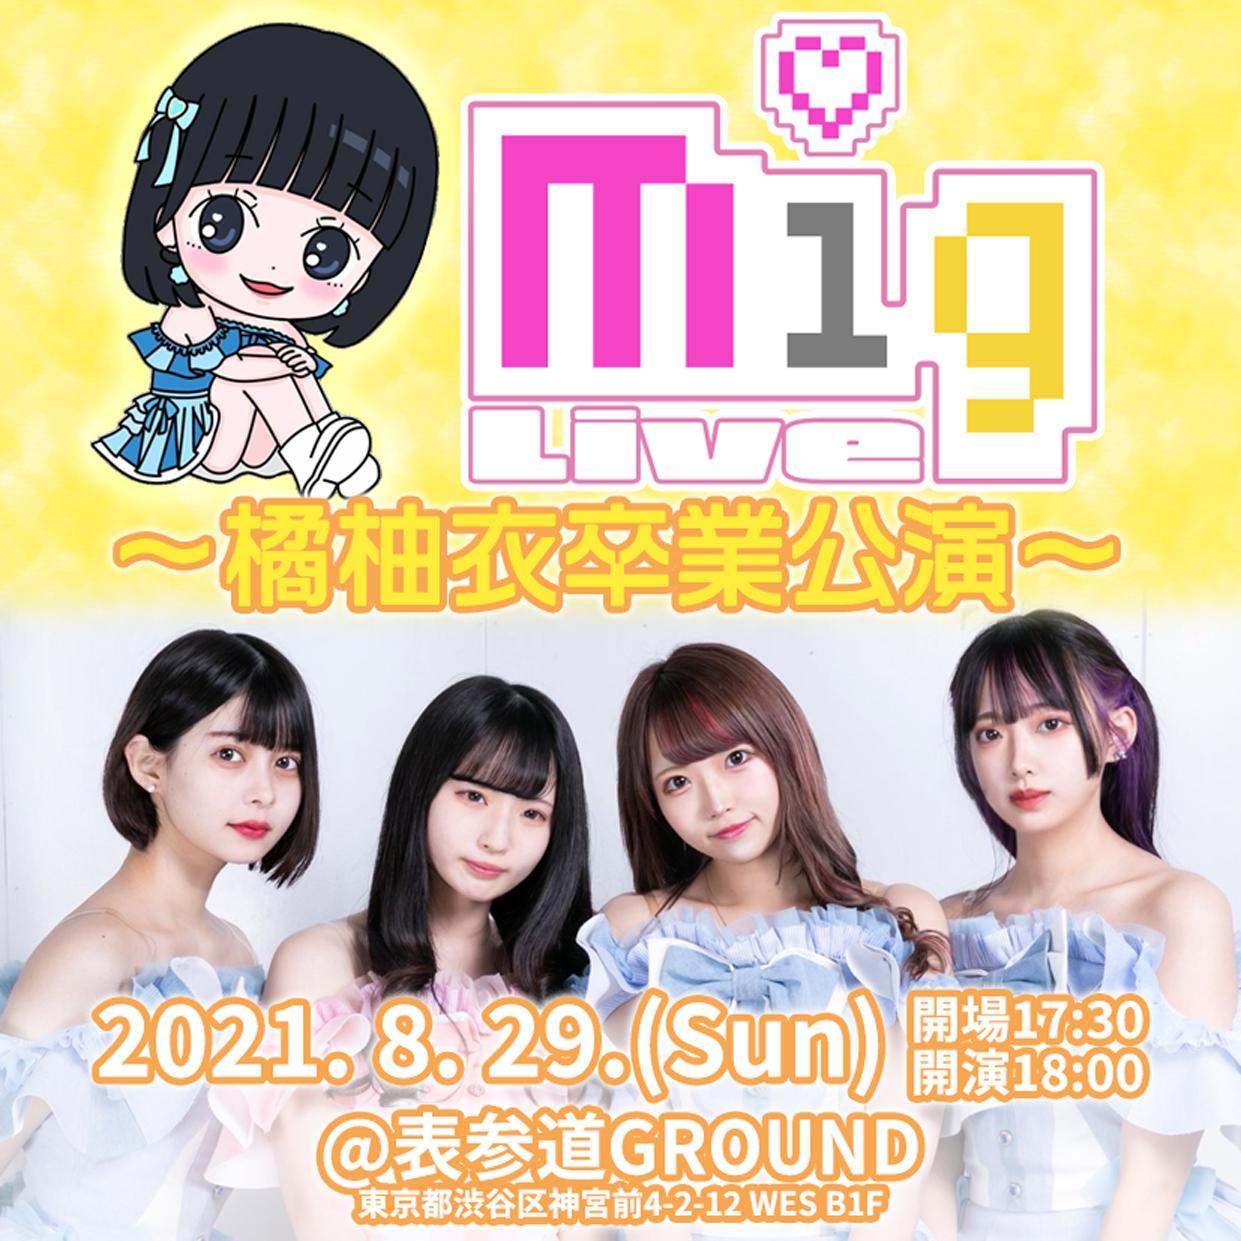 MigLIVE~橘柚衣卒業公演~